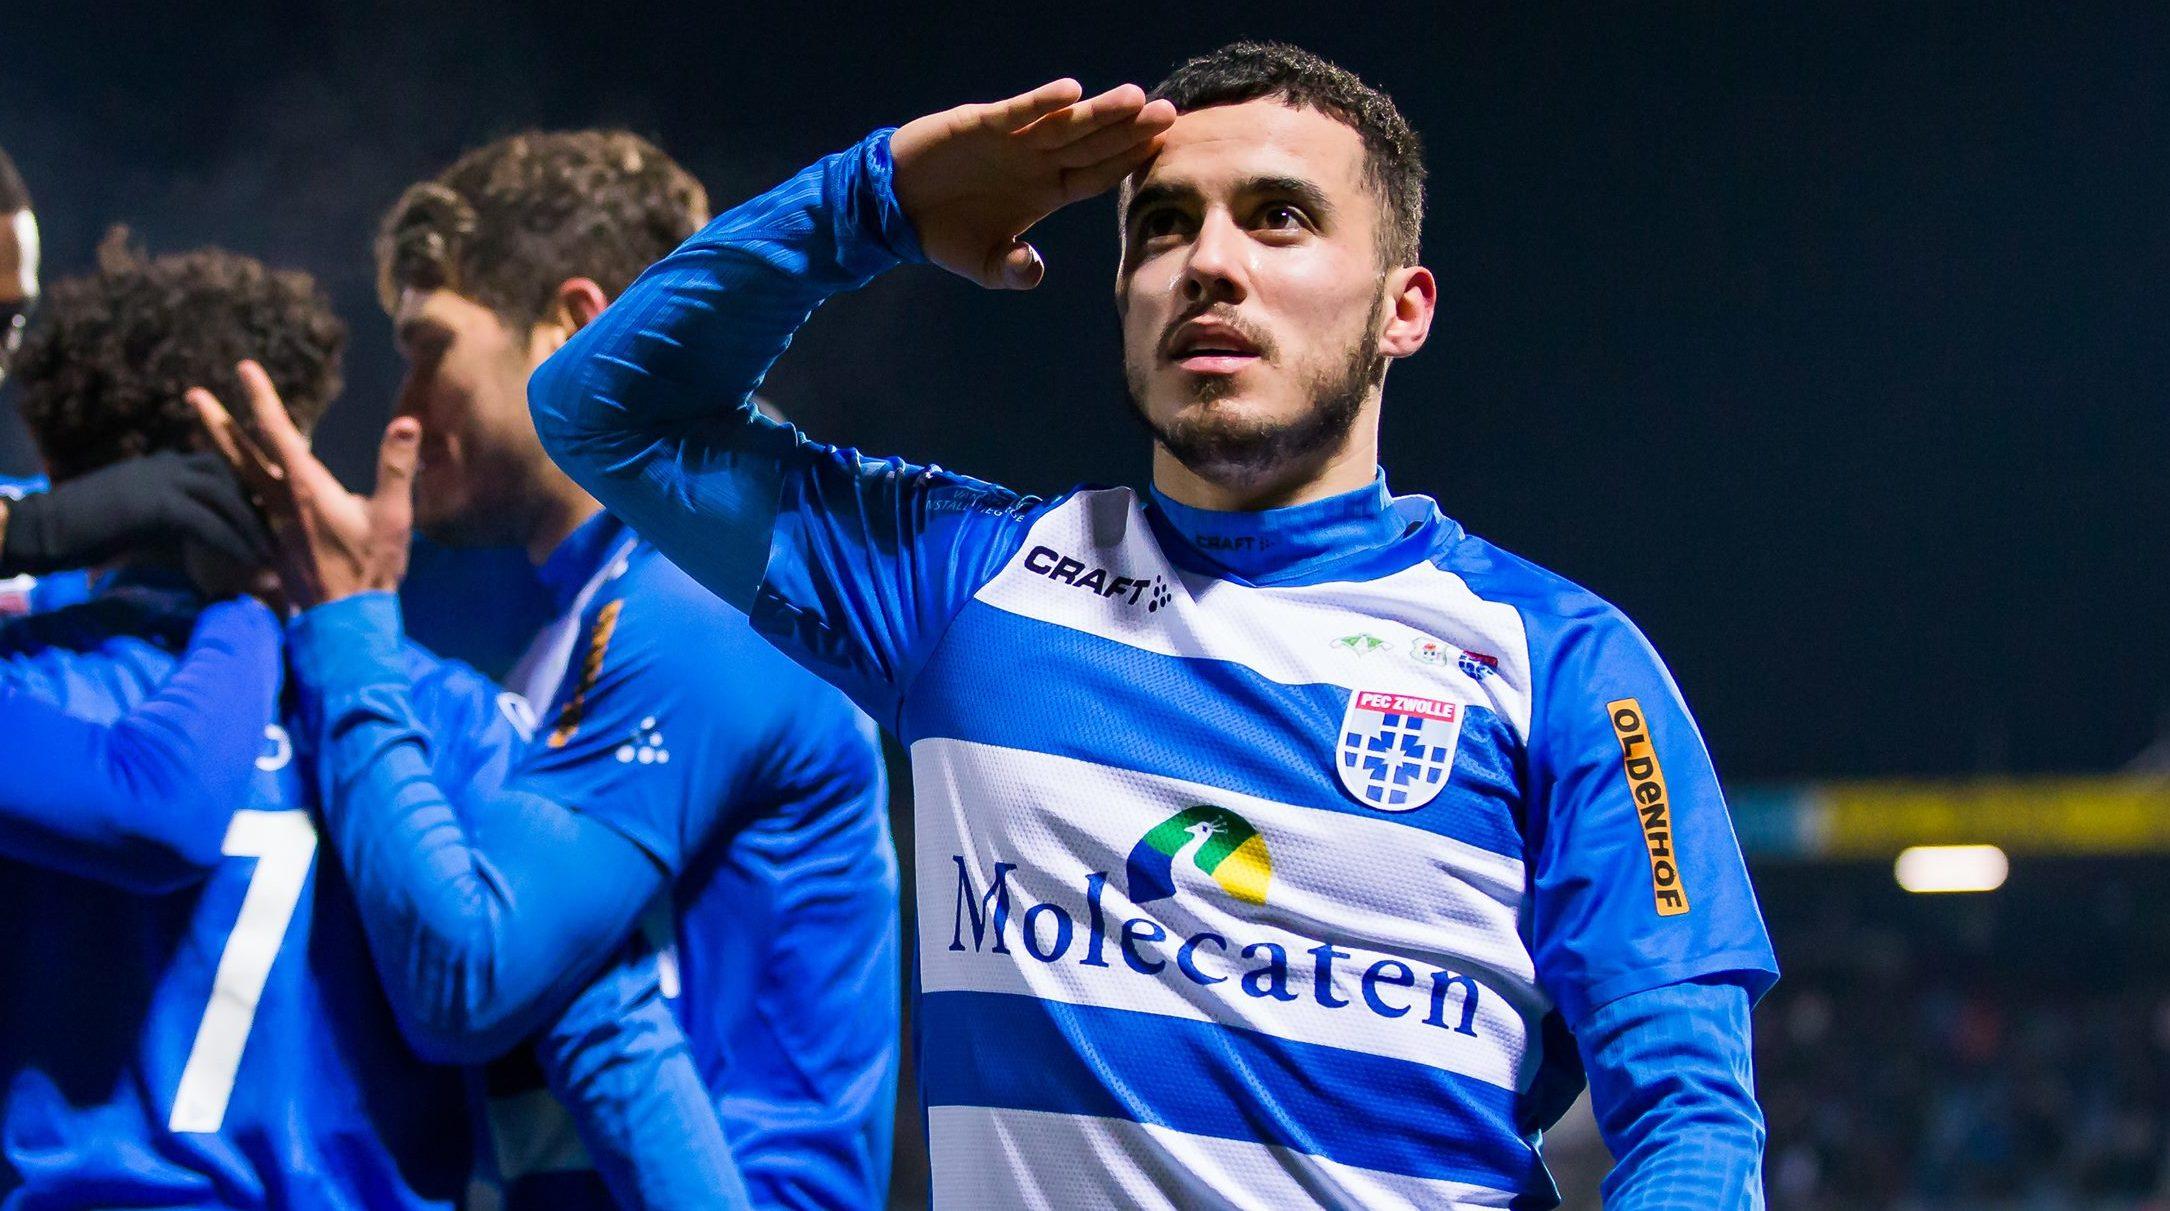 Eredivisie, Groningen-Zwolle 2 settembre: analisi e pronostico della giornata della massima divisione calcistica olandese